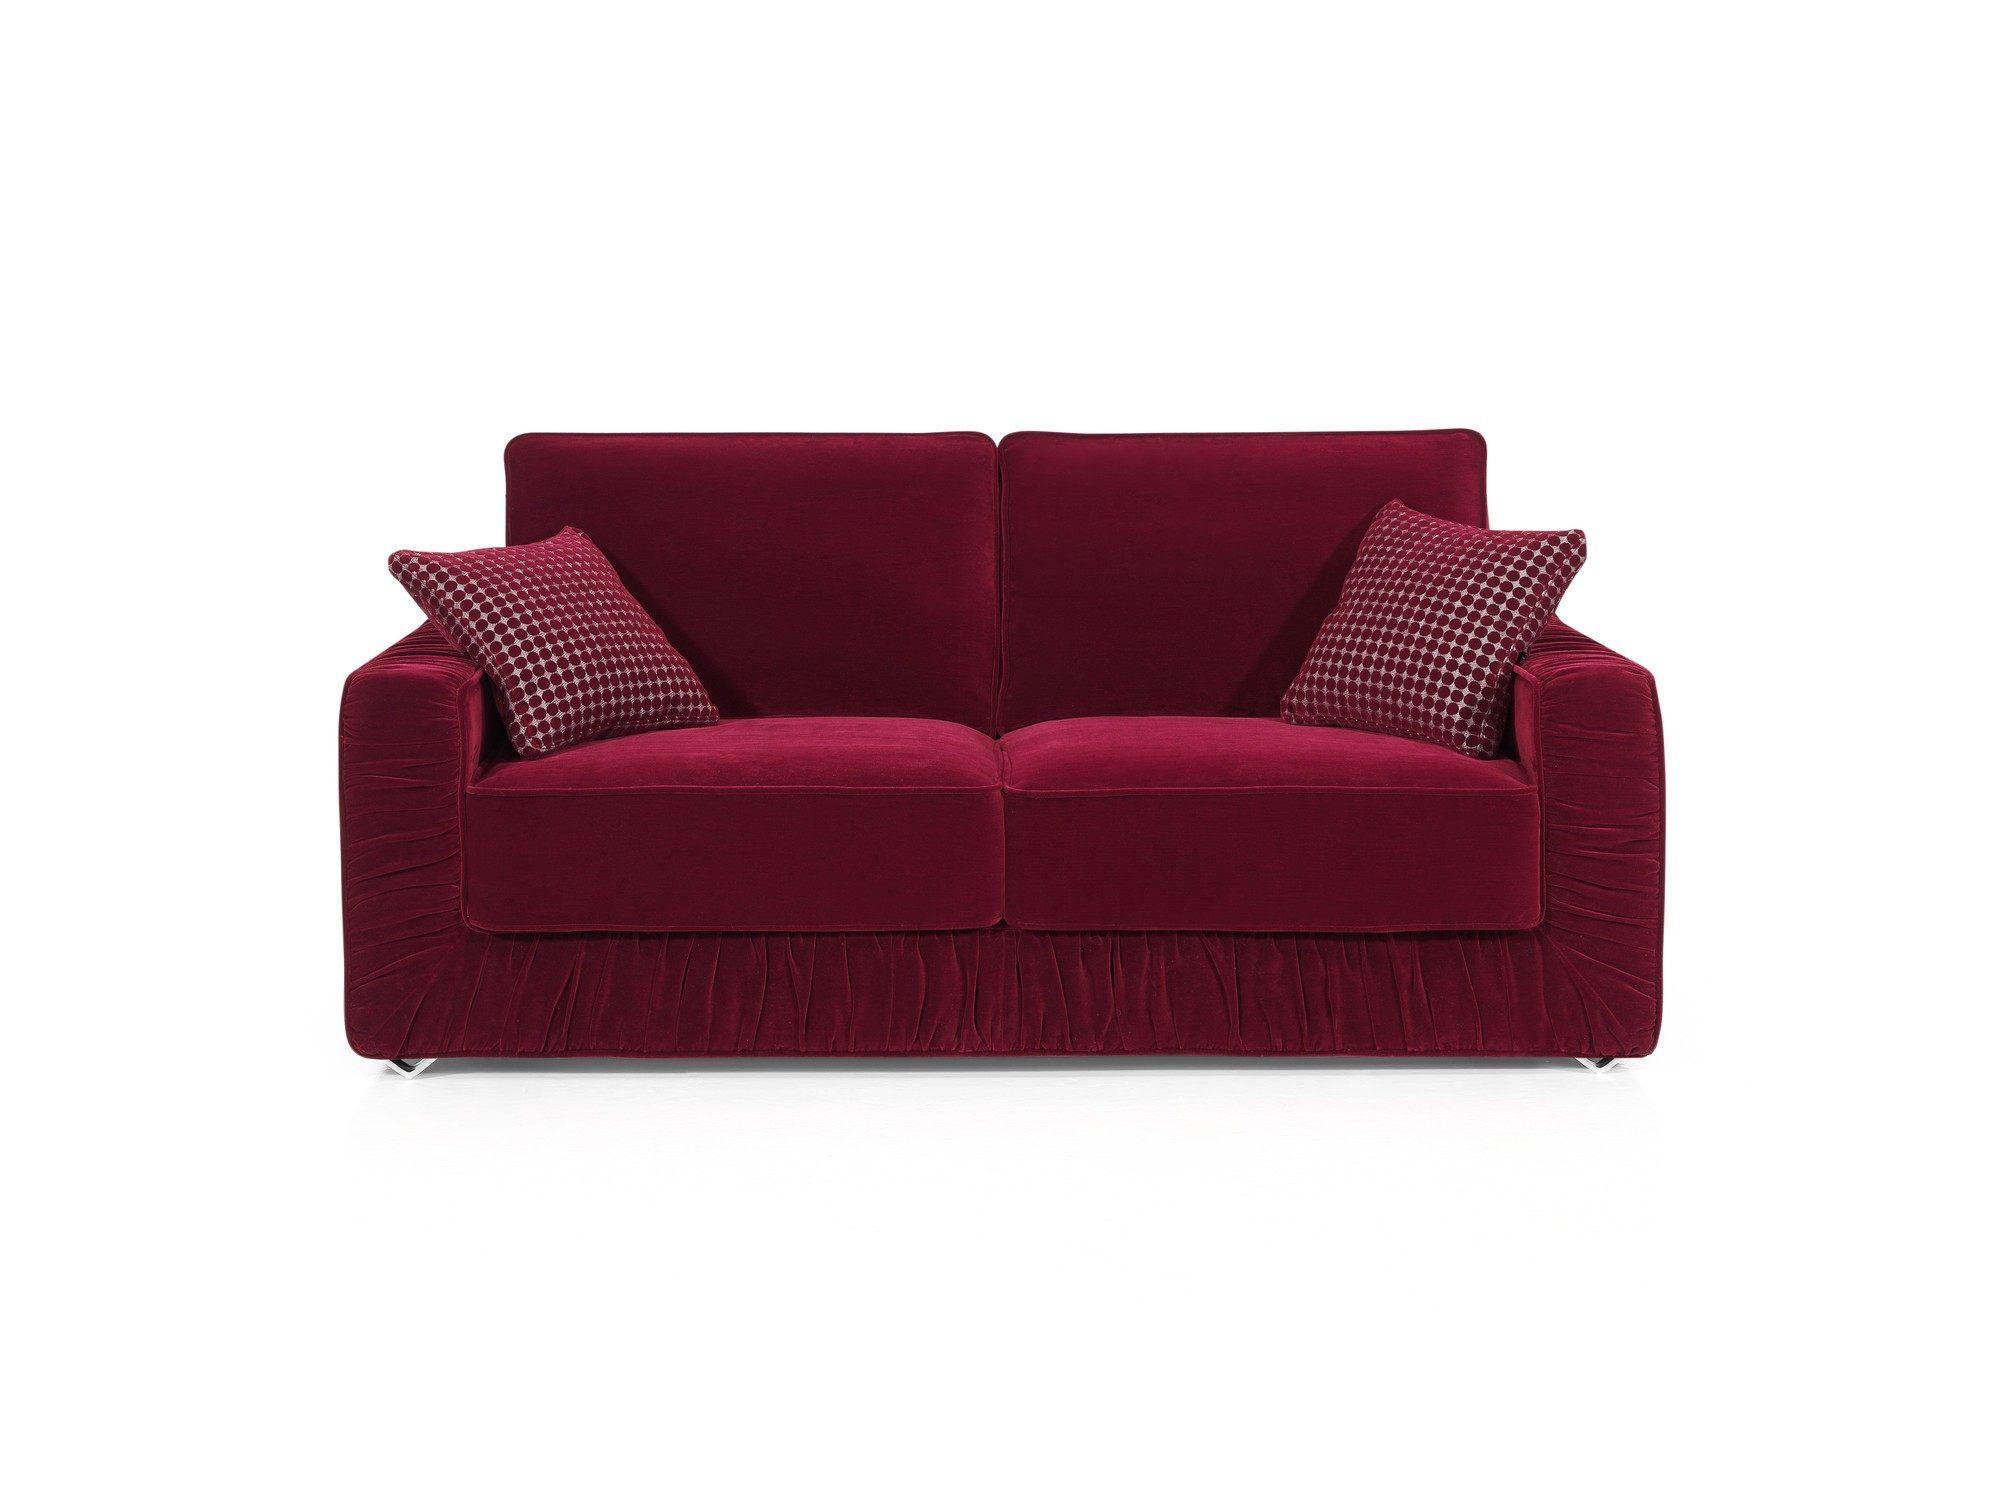 Canapé Lit Poltronesofa Magnifique Joli Canapé Lit Rouge Avec Kivik Canapé 3 Places orrsta Rouge Ikea